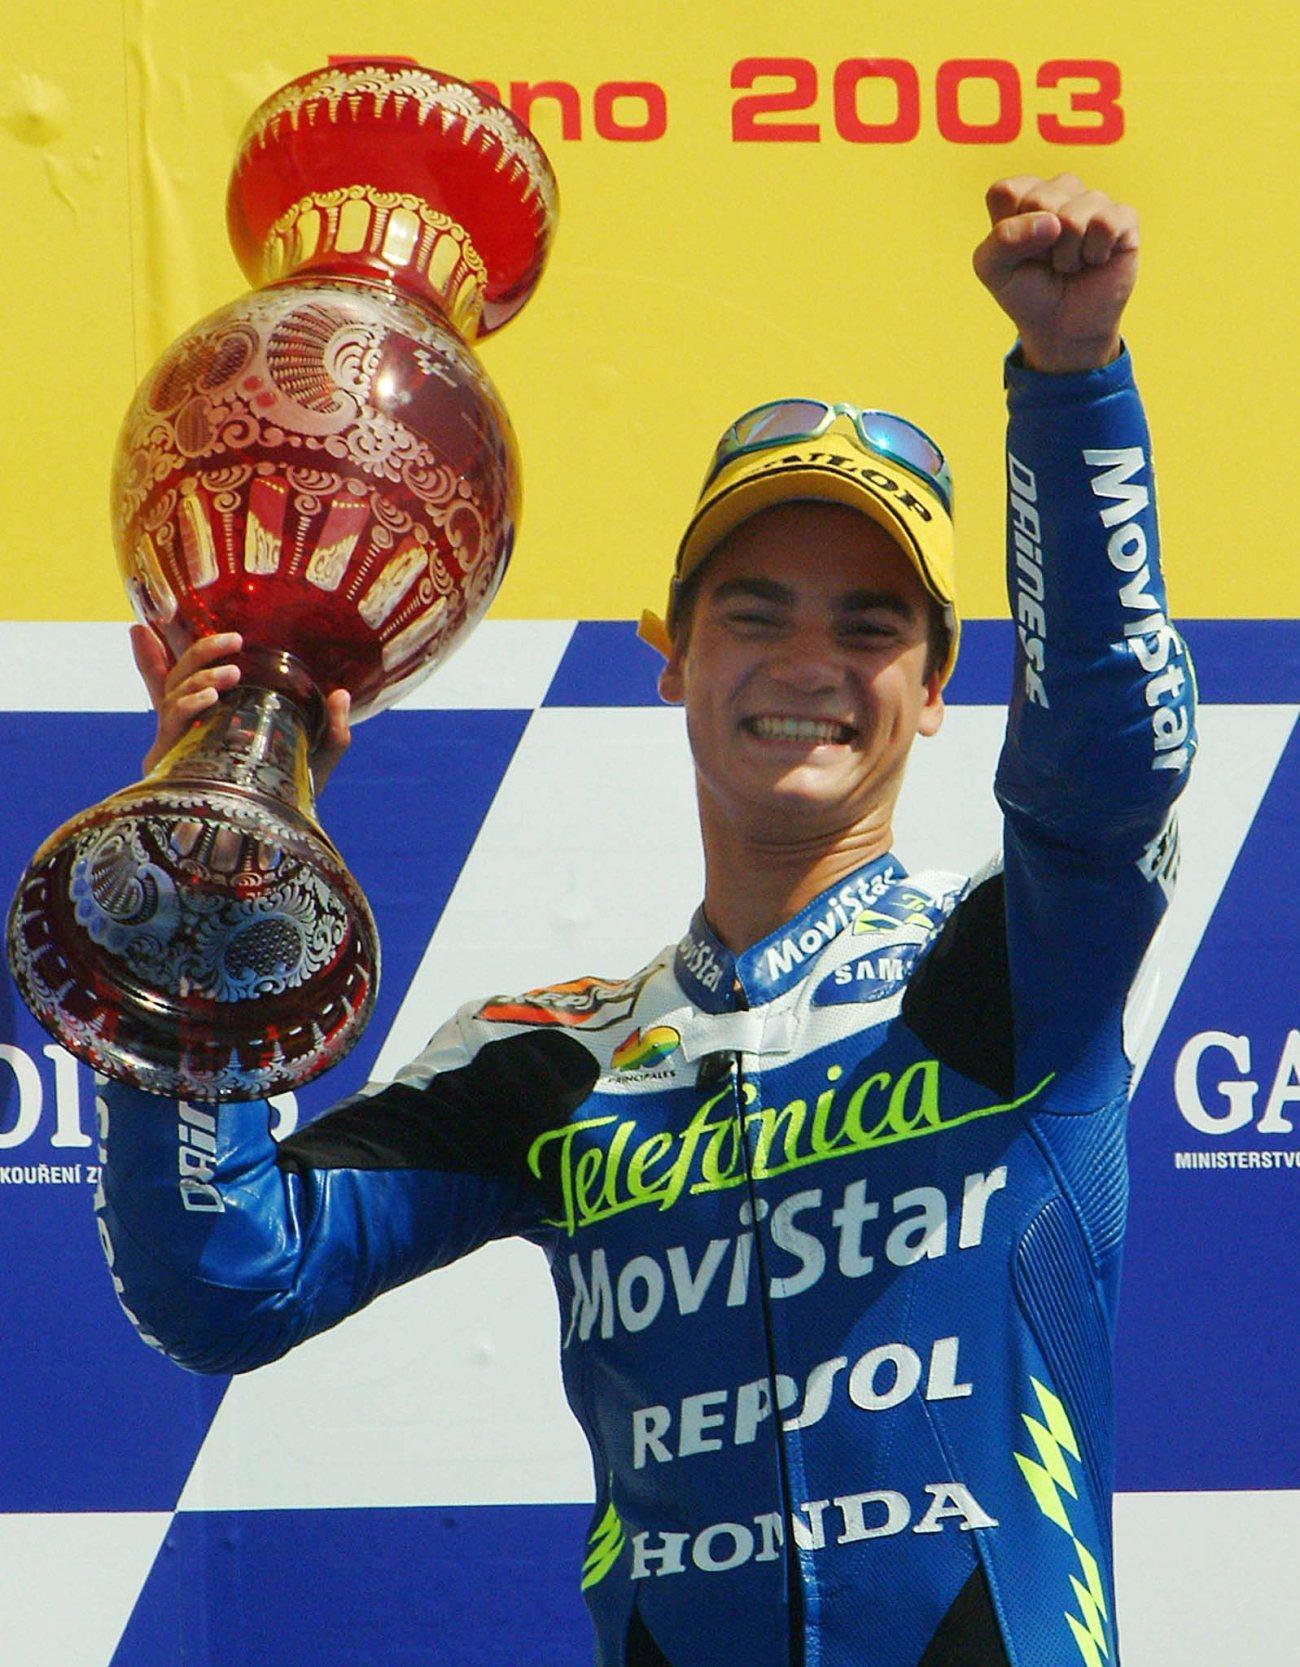 """Lo spagnolo ha annunciato il ritiro dopo 18 anni di carriera nel Motomondiale. Un'avventura cominciata nel 2001: due podi già alla prima stagione in 125 (Valencia e Motegi), prima vittoria ad Assen nel 2002, primo titolo mondiale nella classe leggera nel 2003. Poi il passaggio in 250 e la doppietta iridata (2004 e 2005), prima del salto in MotoGP nel 2006. La prima vittoria tra i """"grandi"""" arriva appena alla quarta gara (in Cina), ma il titolo resterà sempre un miraggio: arriva 2° nel 2007 (stagione dominata dalla Ducati di Stoner), nel 2010 (nonostante un infortunio che ne condiziona il finale di stagione) e nel 2012, quando lo perde per soli 18 punti dopo un lunghissimo testa a testa con la Yamaha di Lorenzo."""